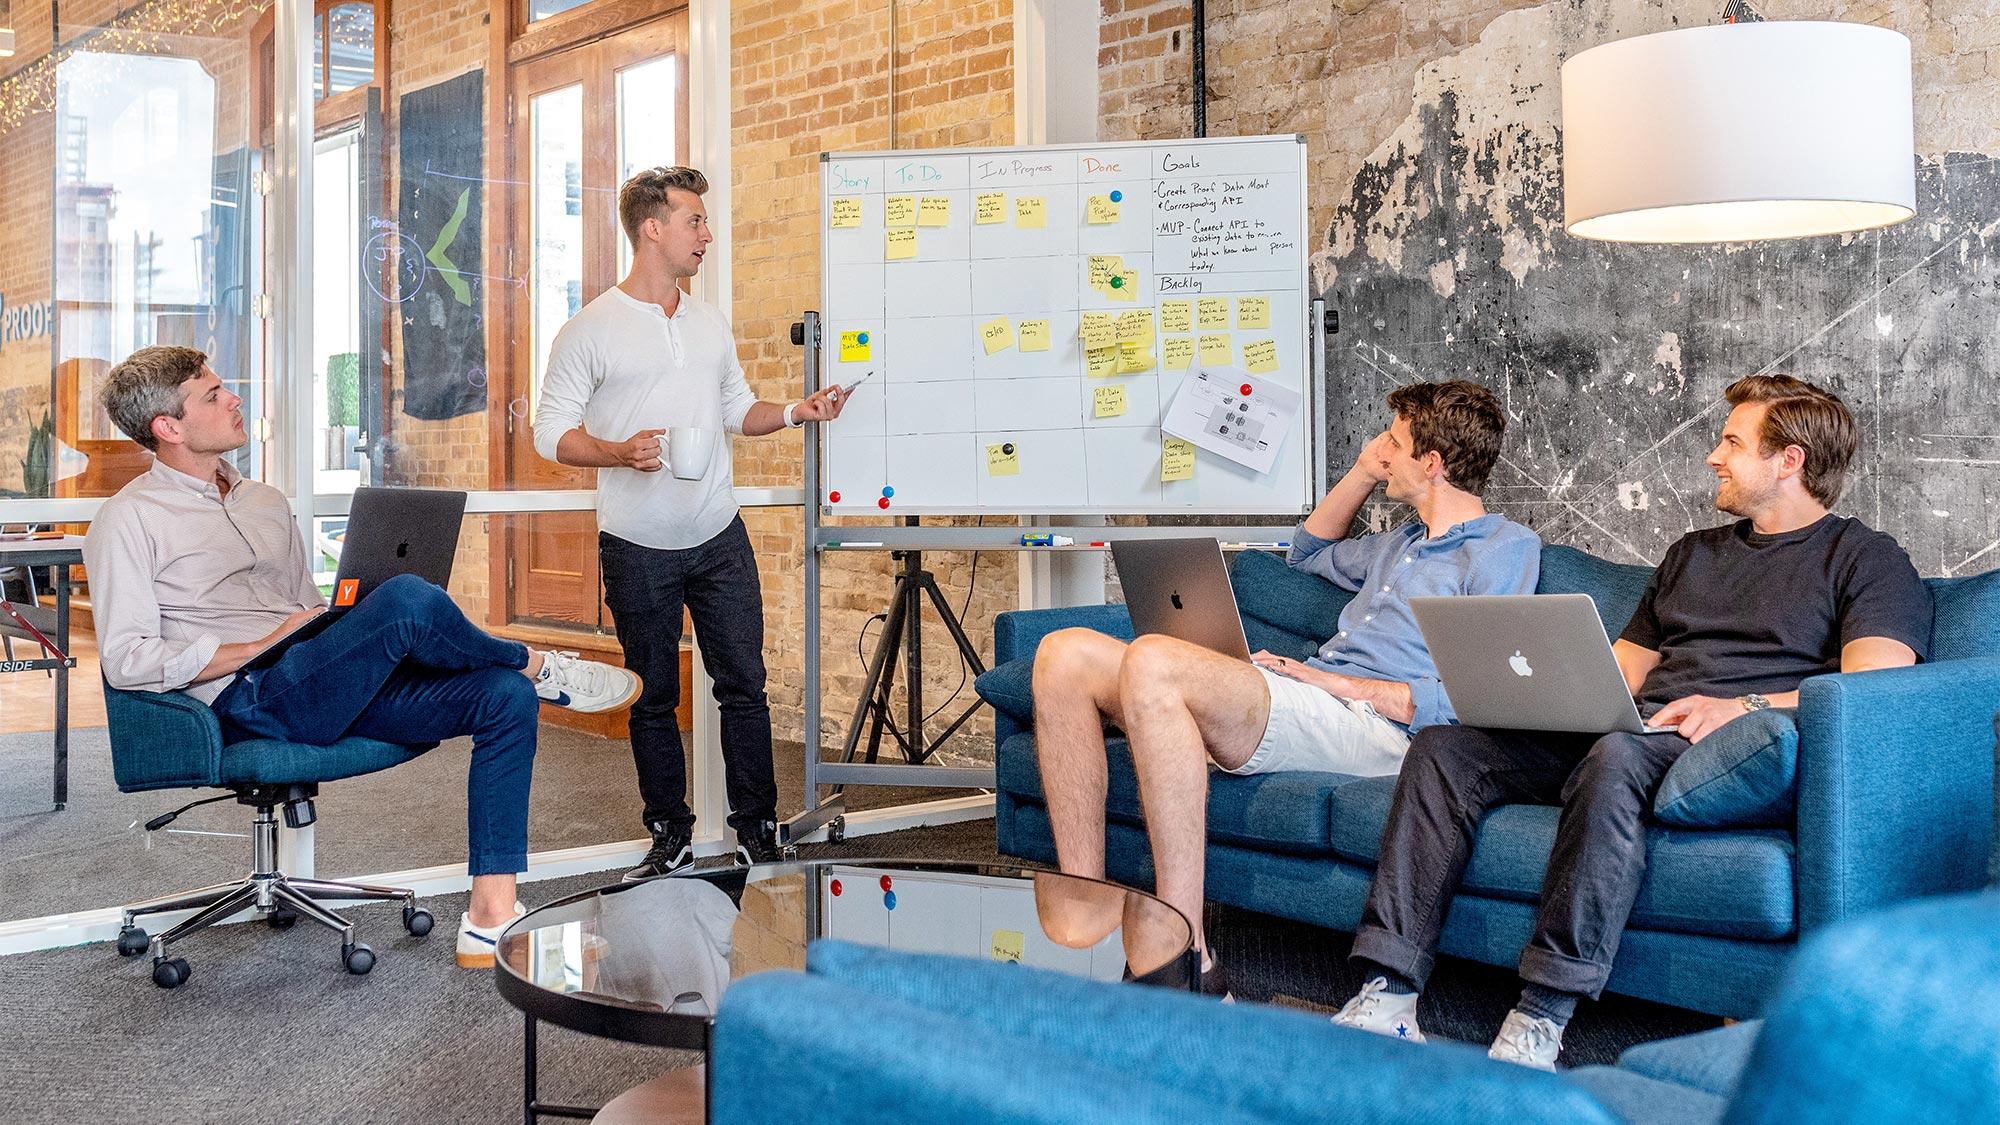 Online-Marketing Besprechung in einem Unternehmen